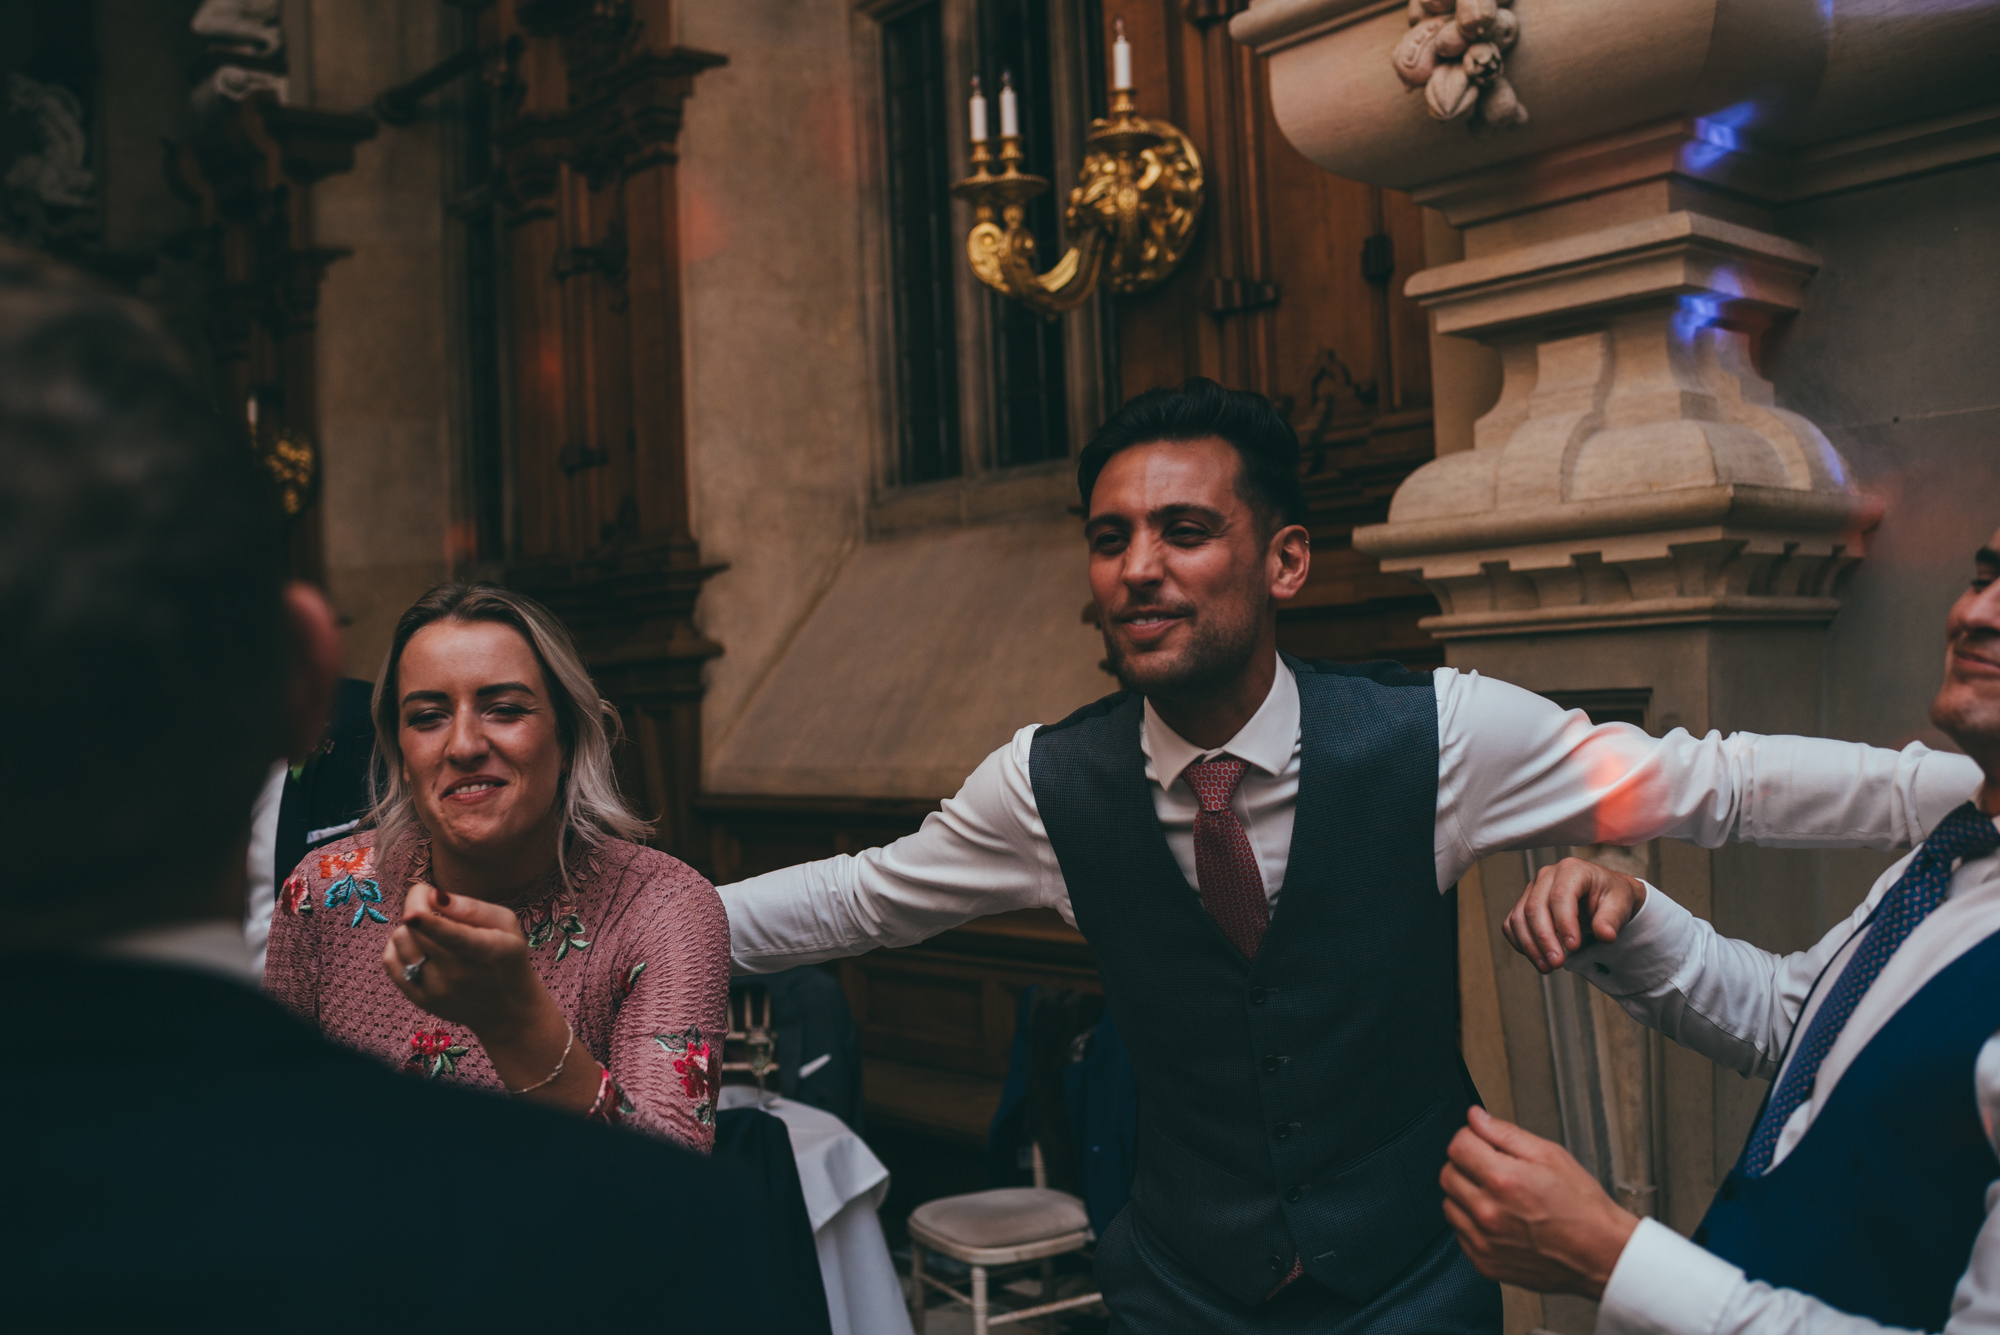 guests dancing at harlaxton manor